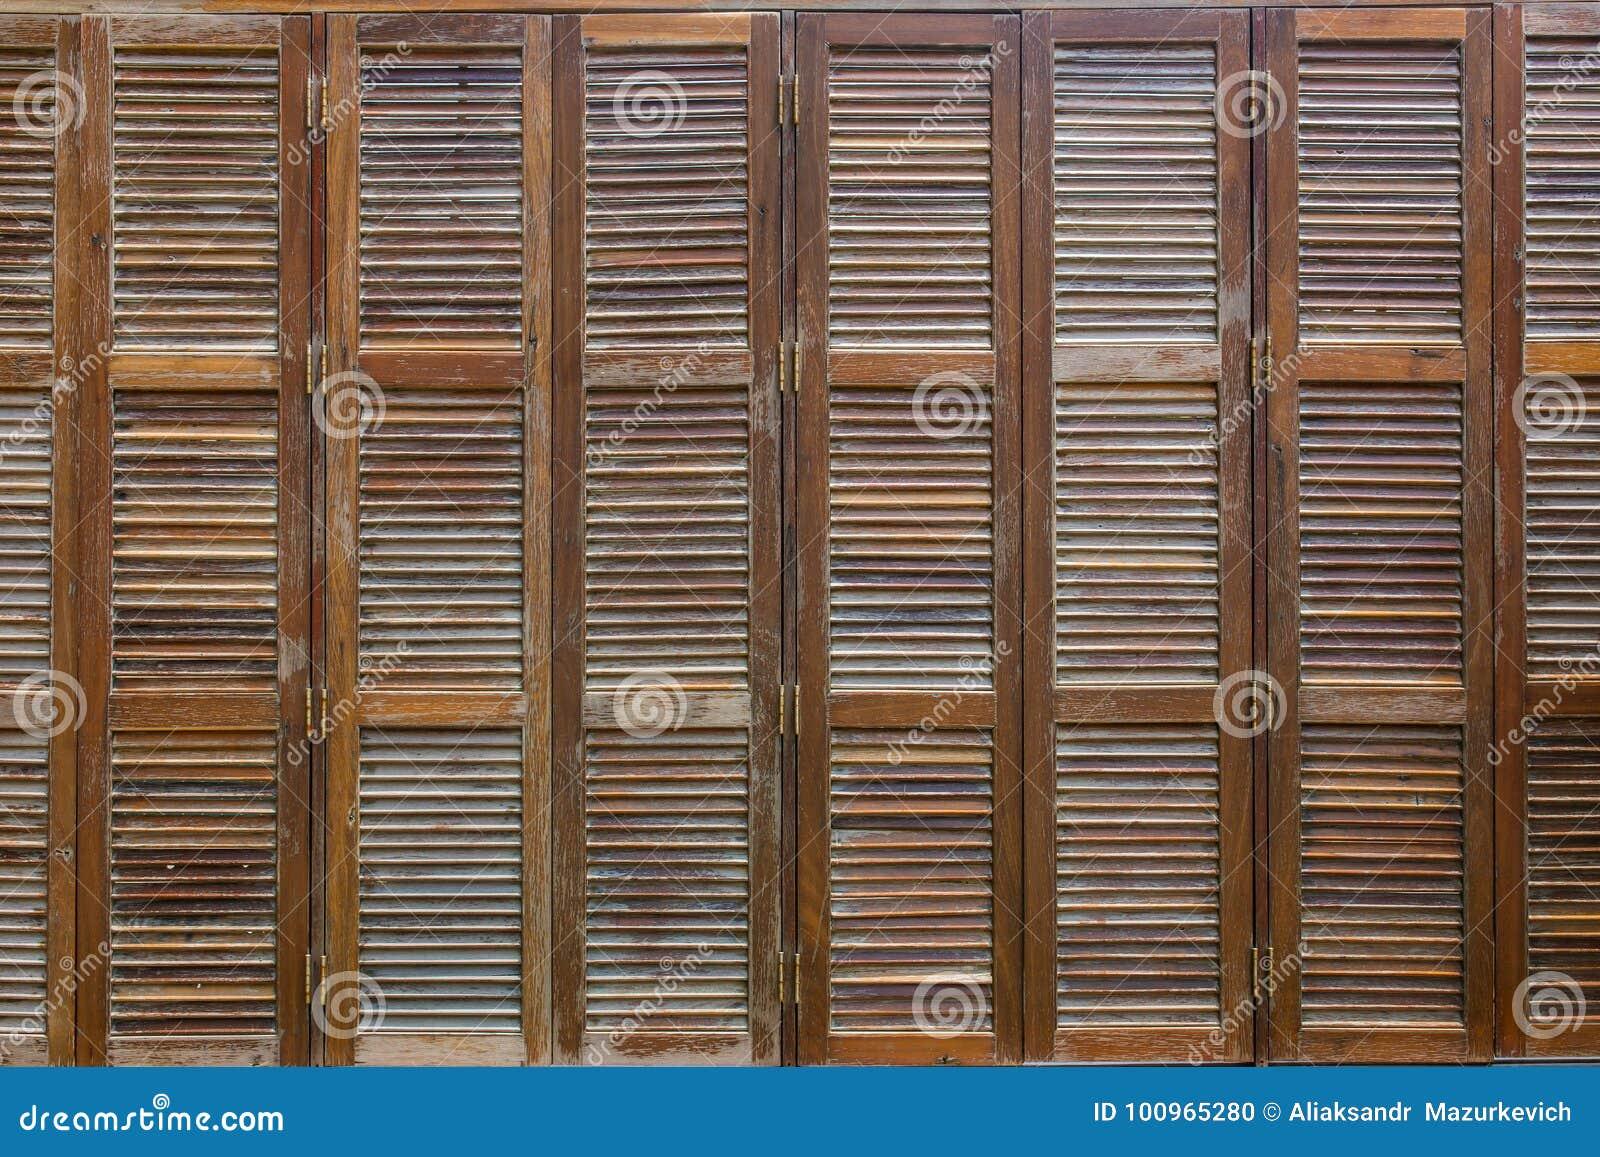 Bunch of wooden window shutters pattern background.